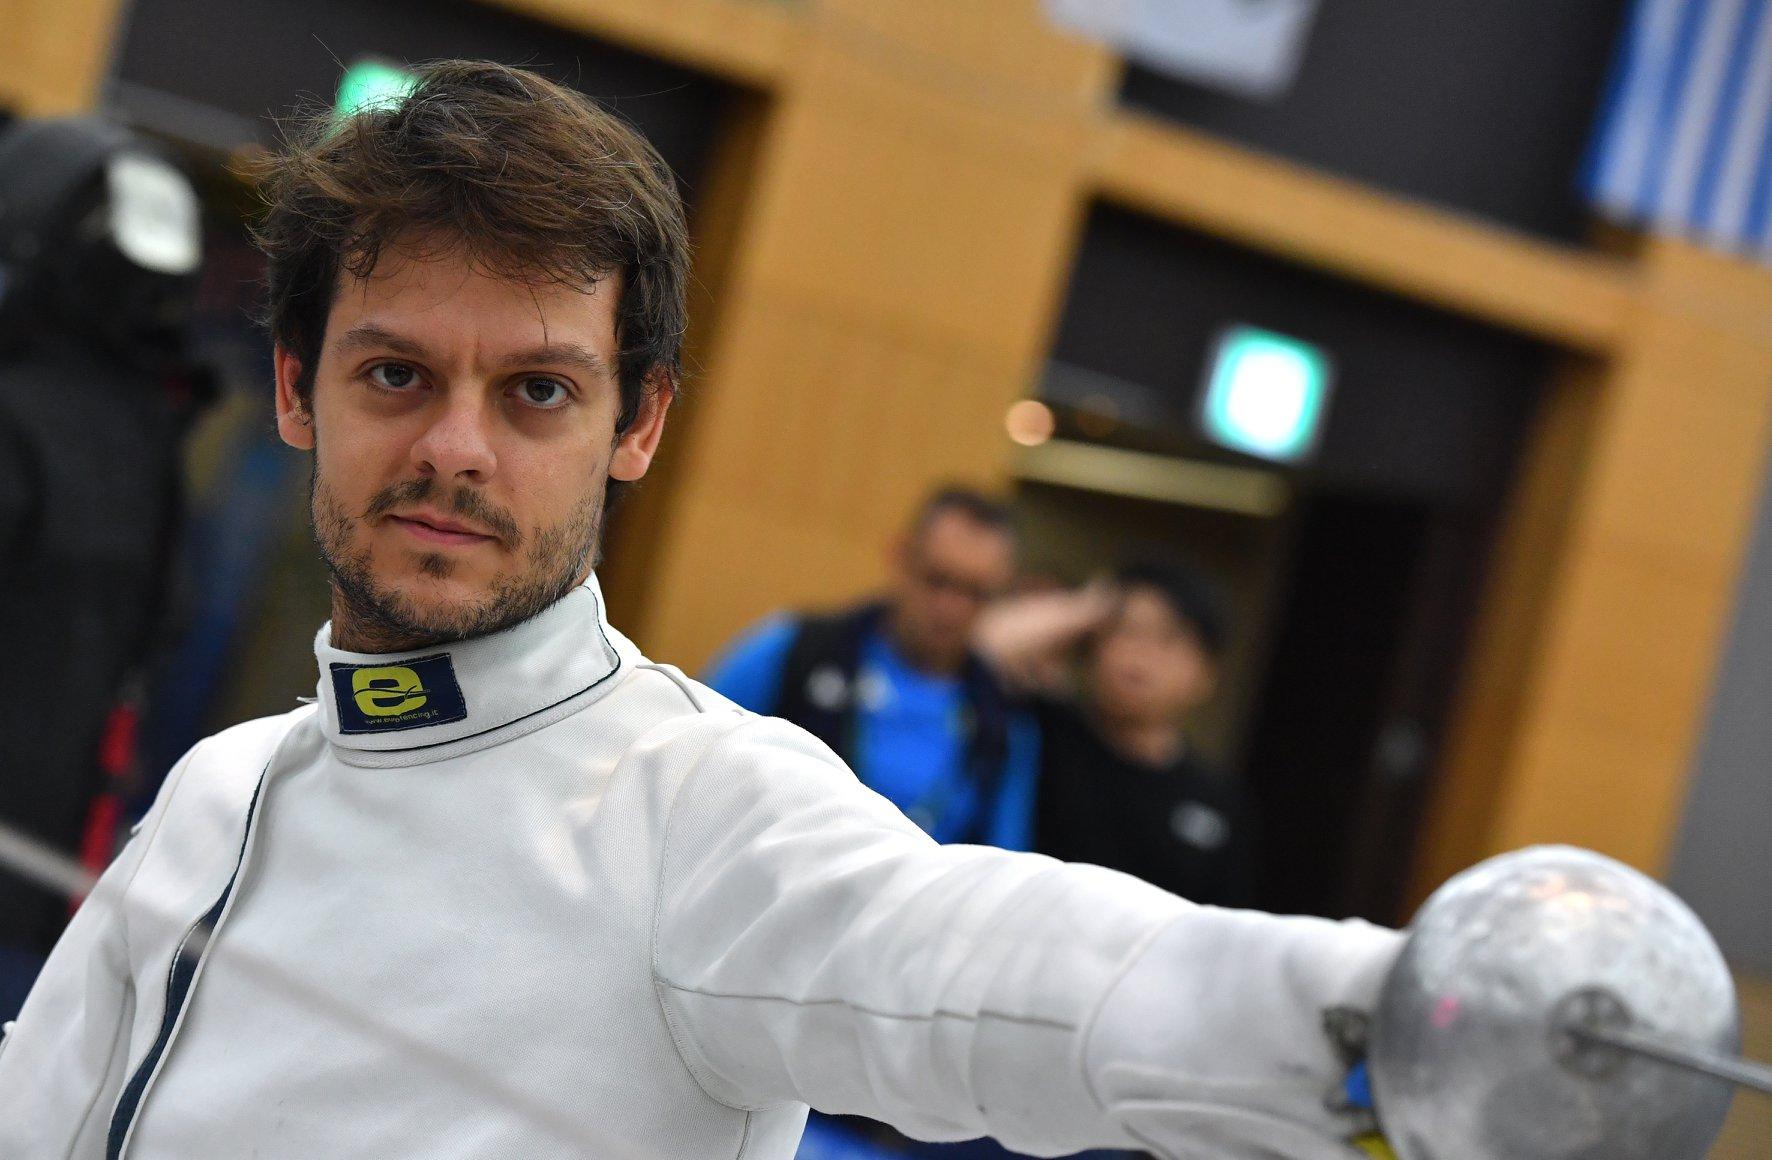 Paralimpiadi di Tokyo, ci sarà anche l'atleta Matteo Betti consigliere della sede ANMIC di Siena